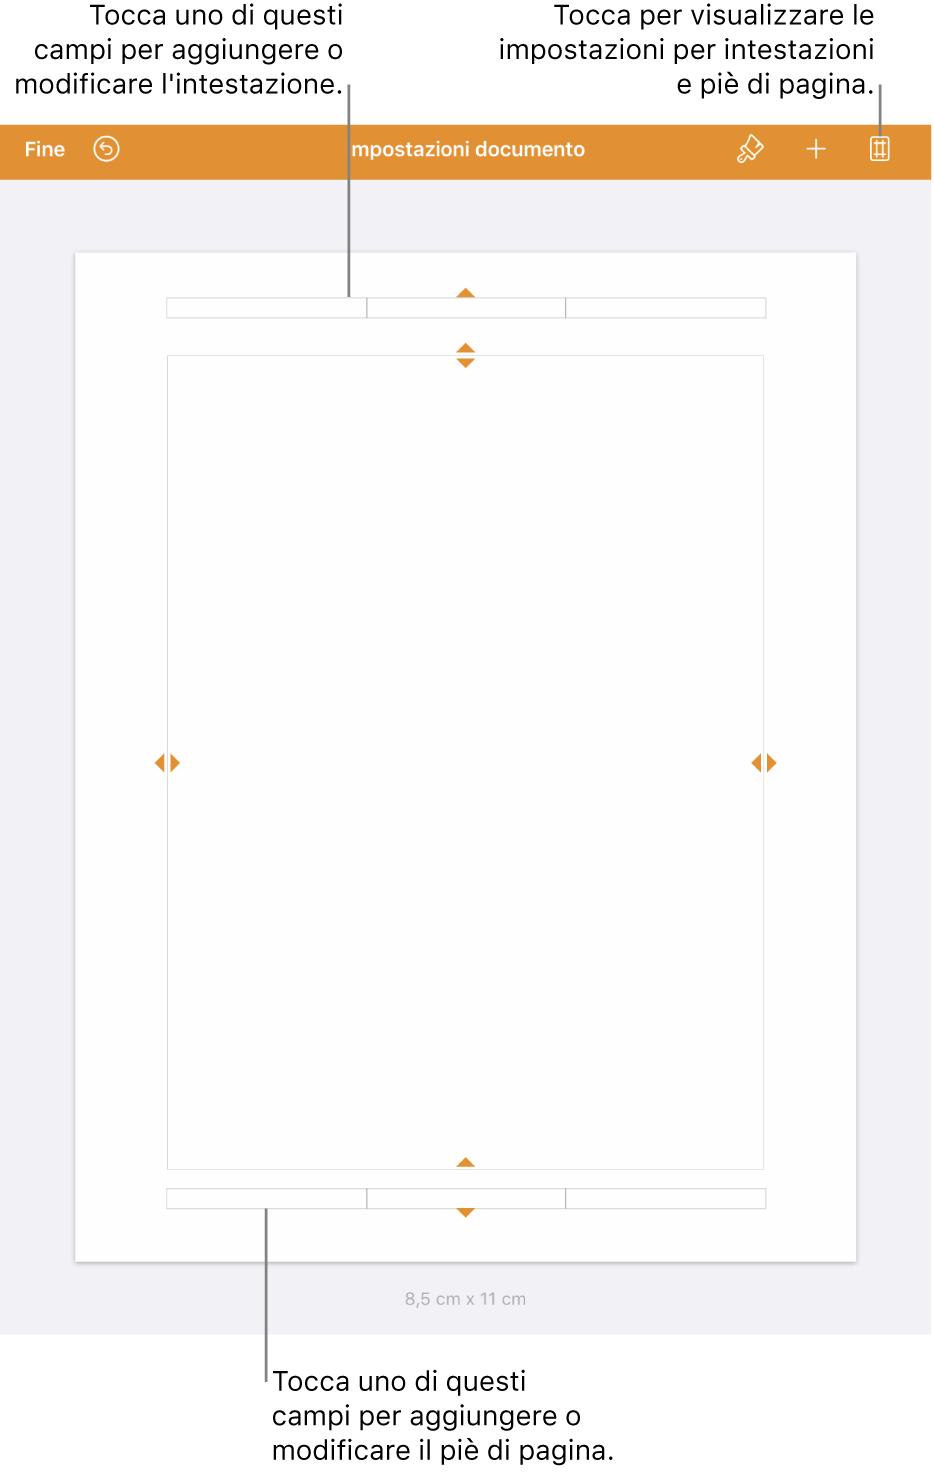 """Vista """"Impostazioni documento"""" con tre campi nelle parti superiore e inferiore del documento."""